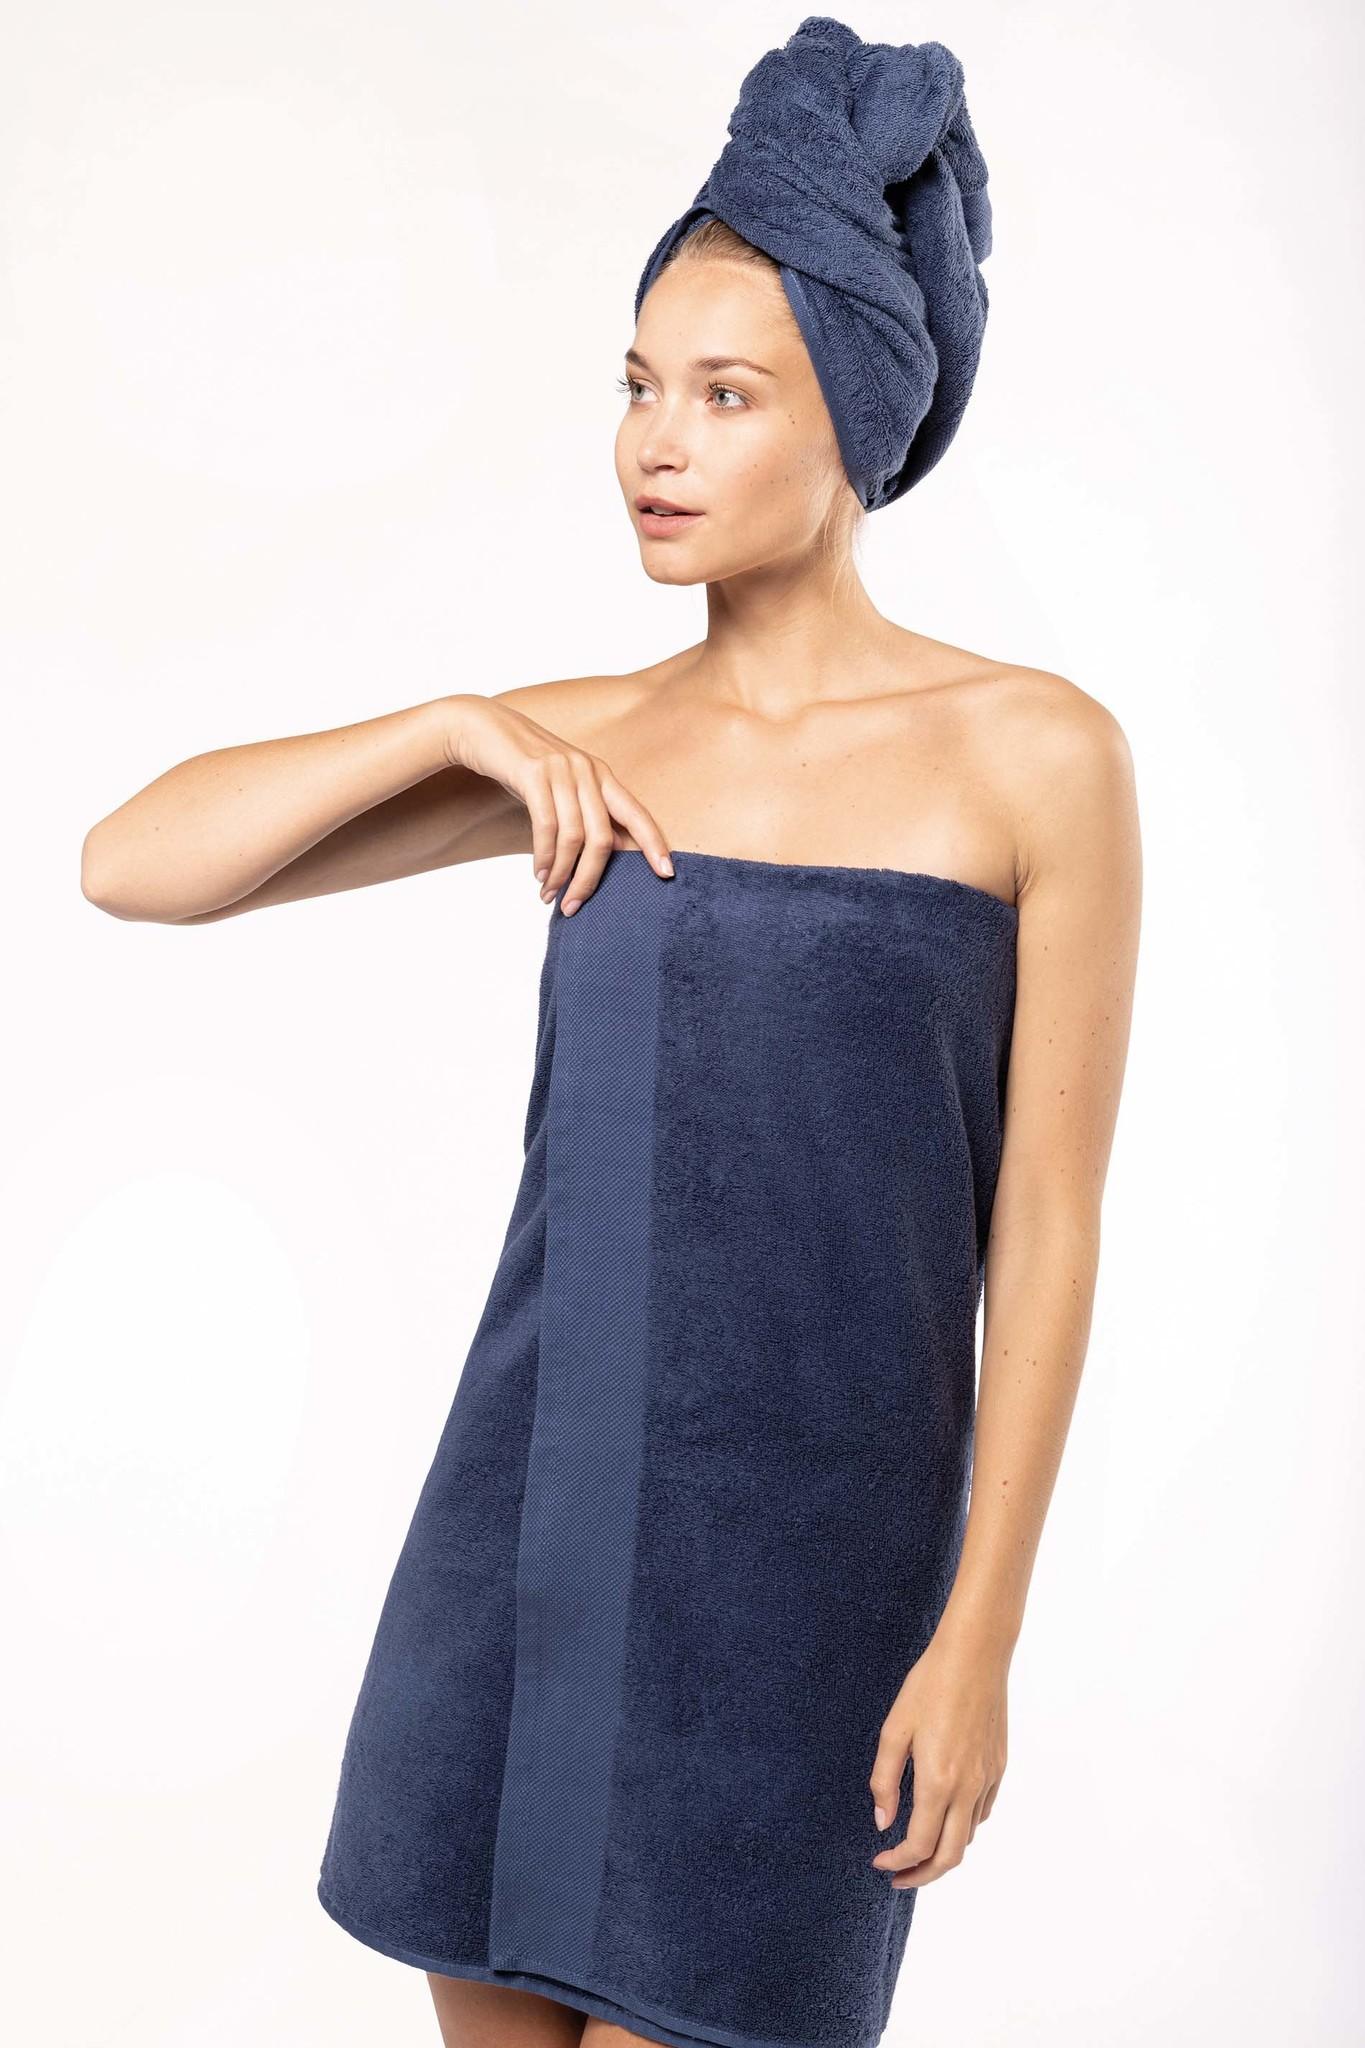 Eco-Friendly Handdoek 140 x 70 cm kleur: Irongrey, is te bedrukken